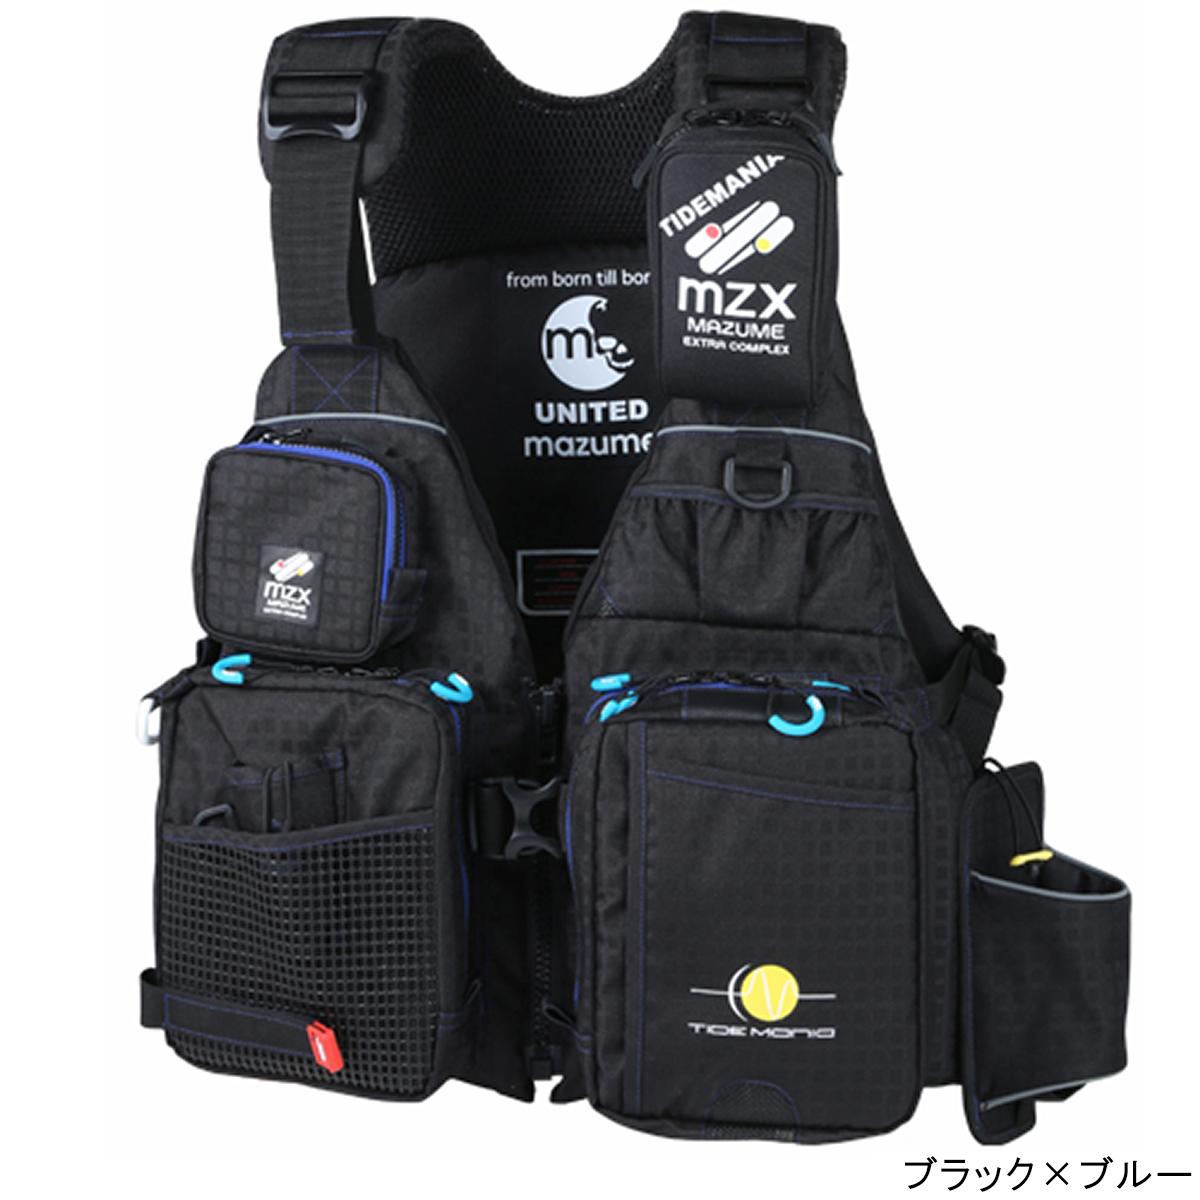 オレンジブルー mazume MZX タイドマニアライフジャケット MZXLJ-049 フリー ブラック×ブルー(東日本店)